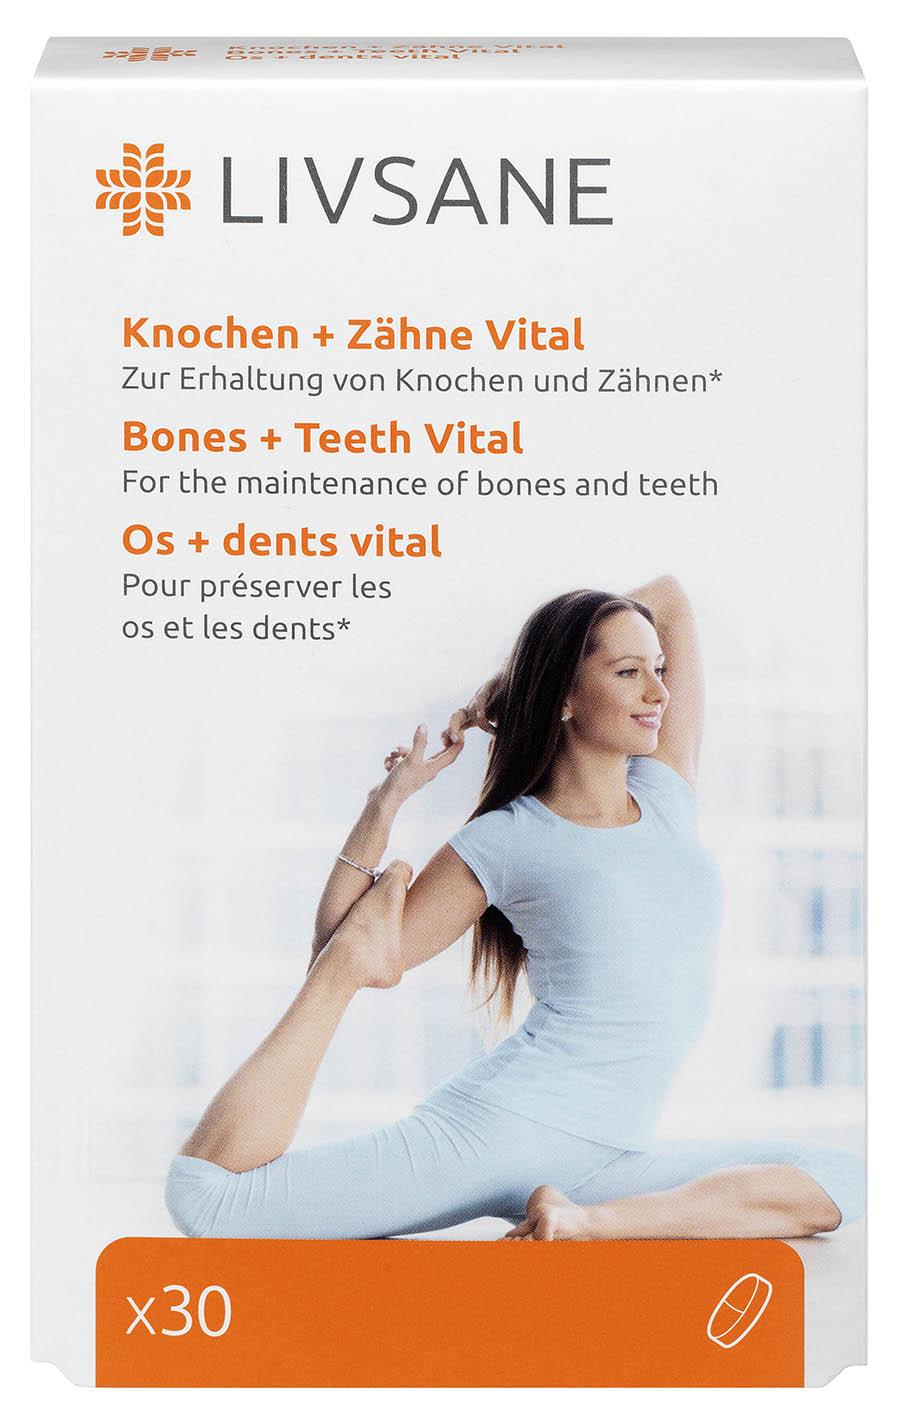 LIVSANE Podpora pre zdravé kosti a zuby tbl 1x30 ks